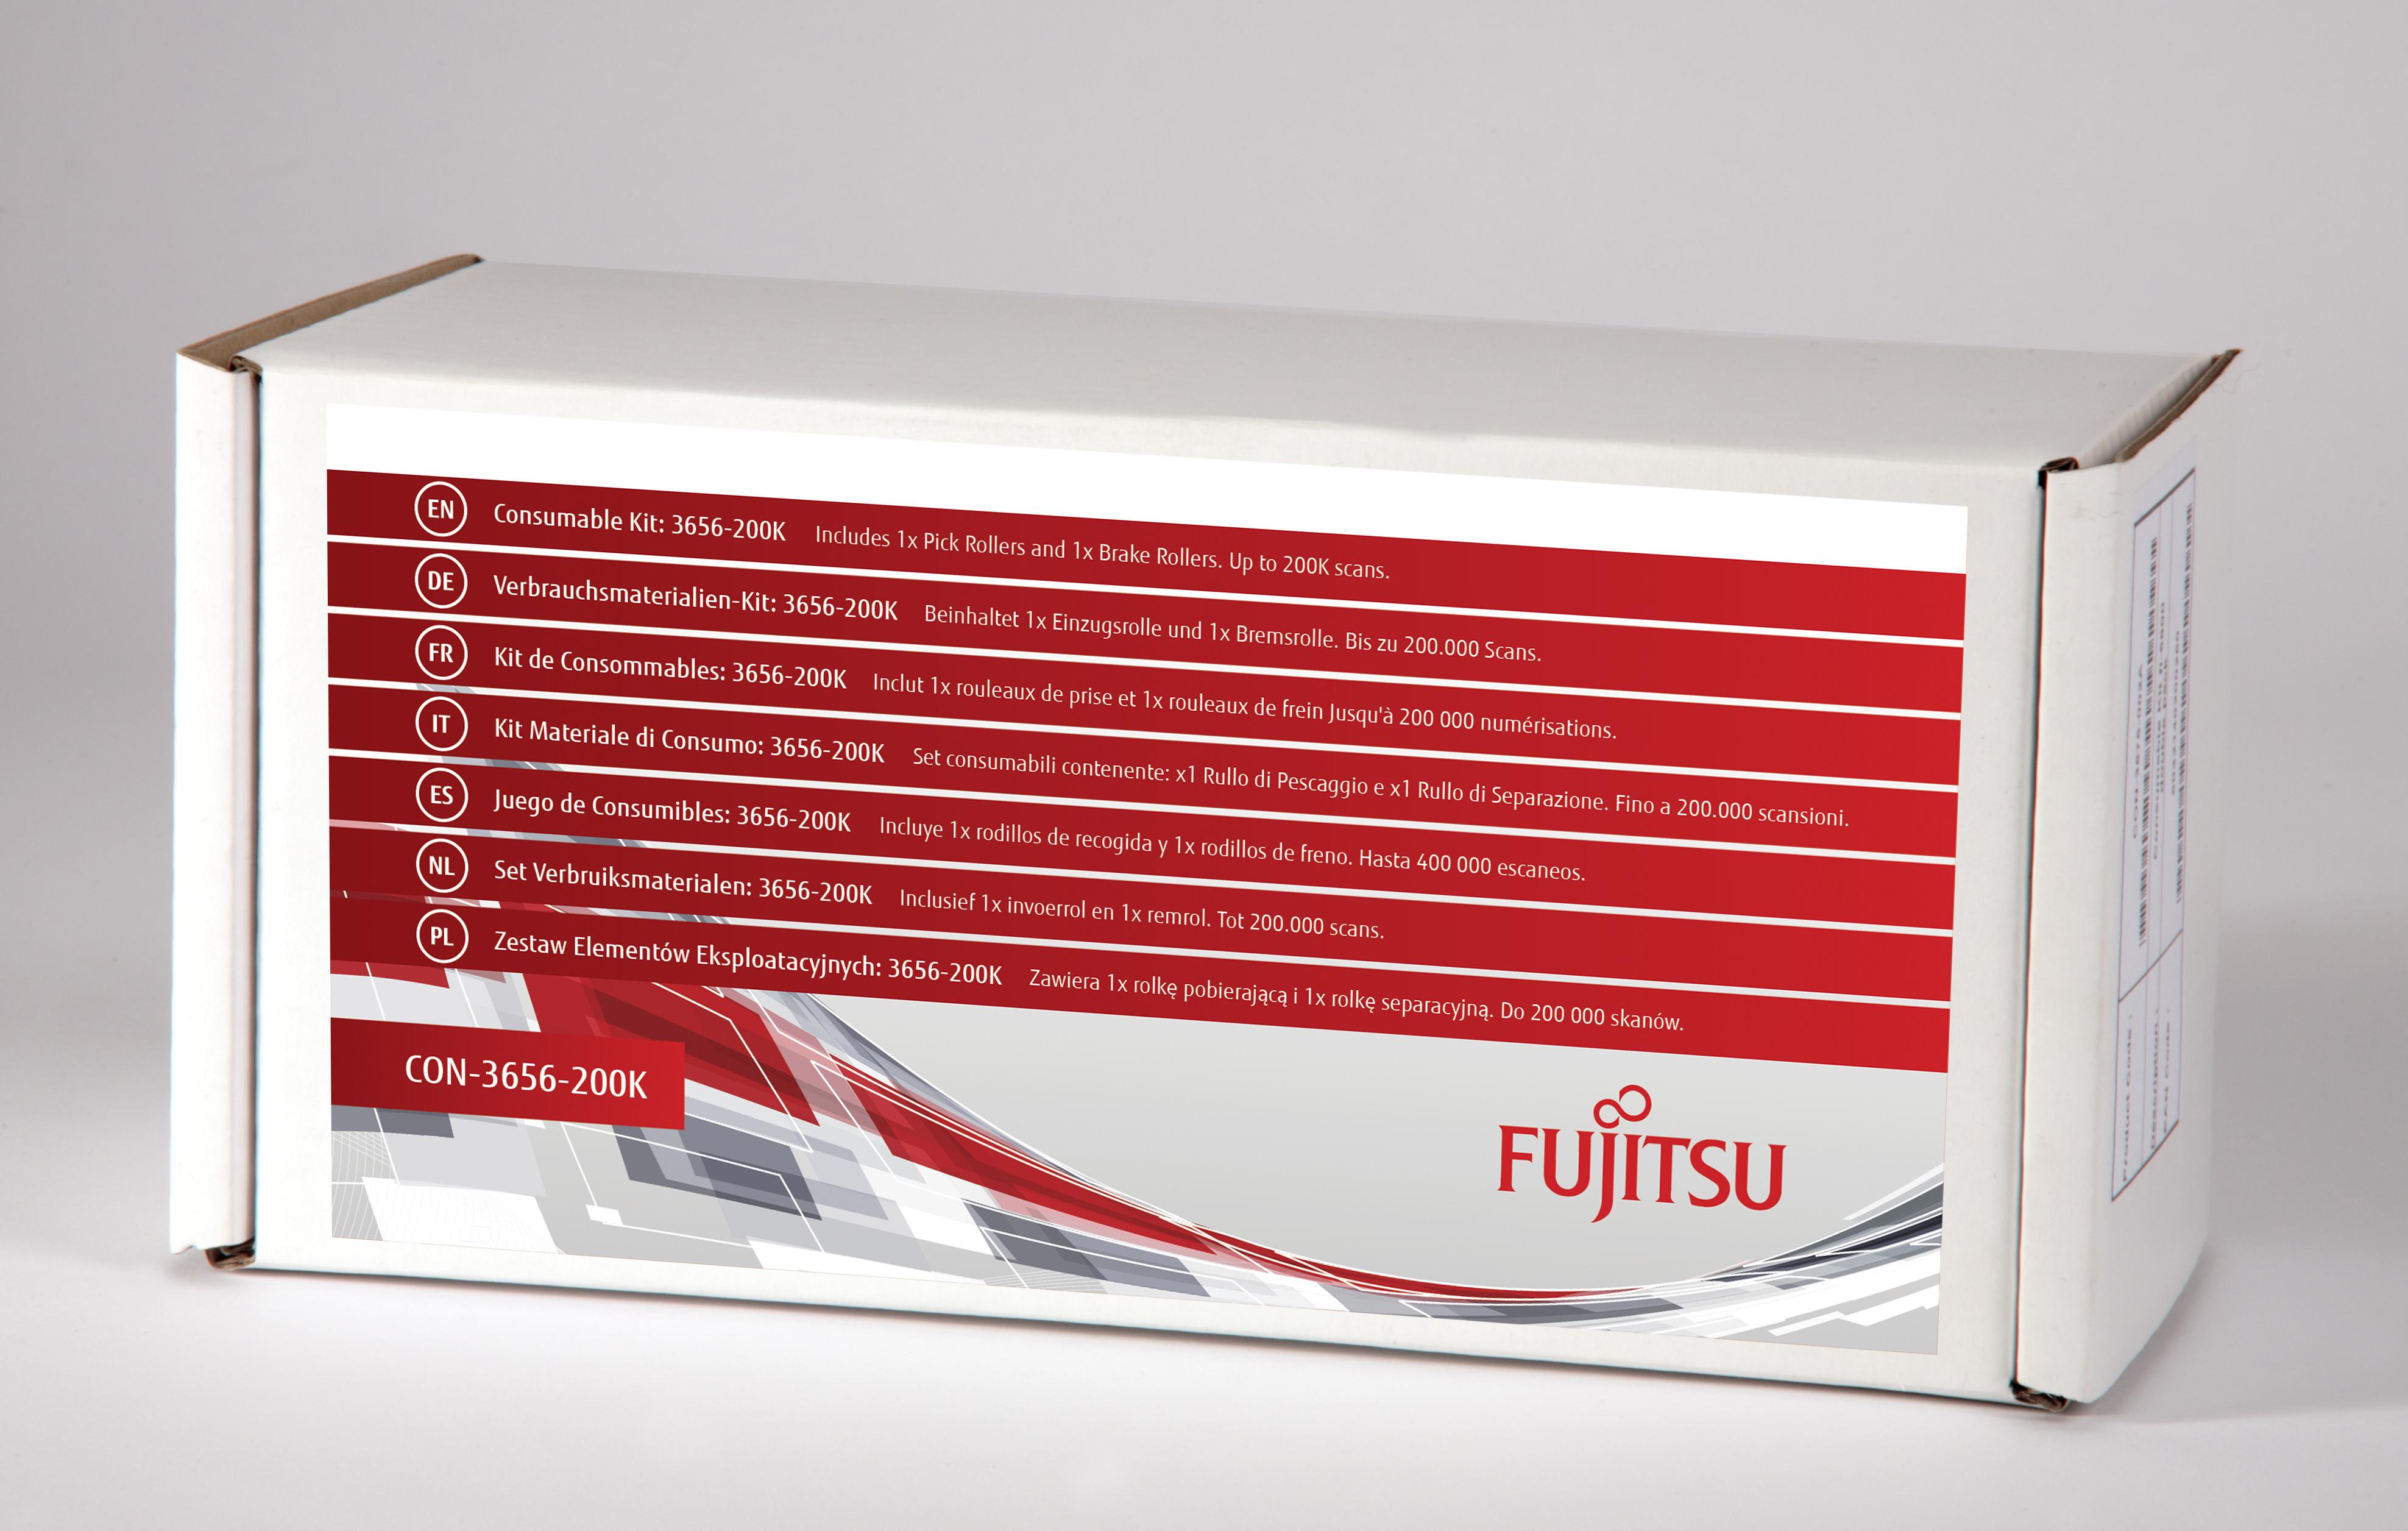 fujitsu CON-3656-200K CON-3656-200K - MW01